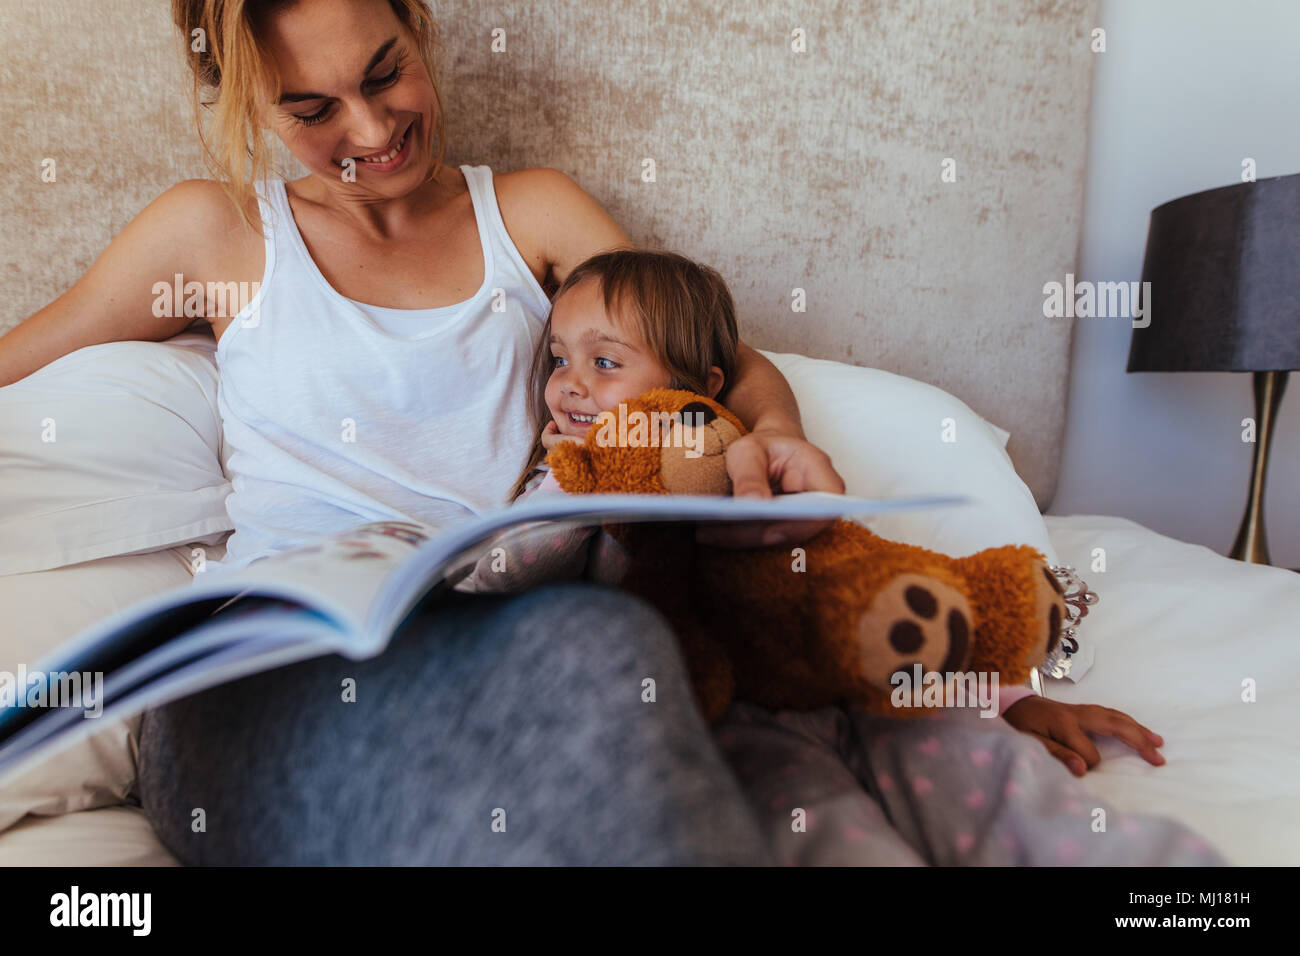 Familia Feliz cuento de lectura en la cama. Mujer mirando su hija y sonriendo mientras lee un libro en el dormitorio. Imagen De Stock